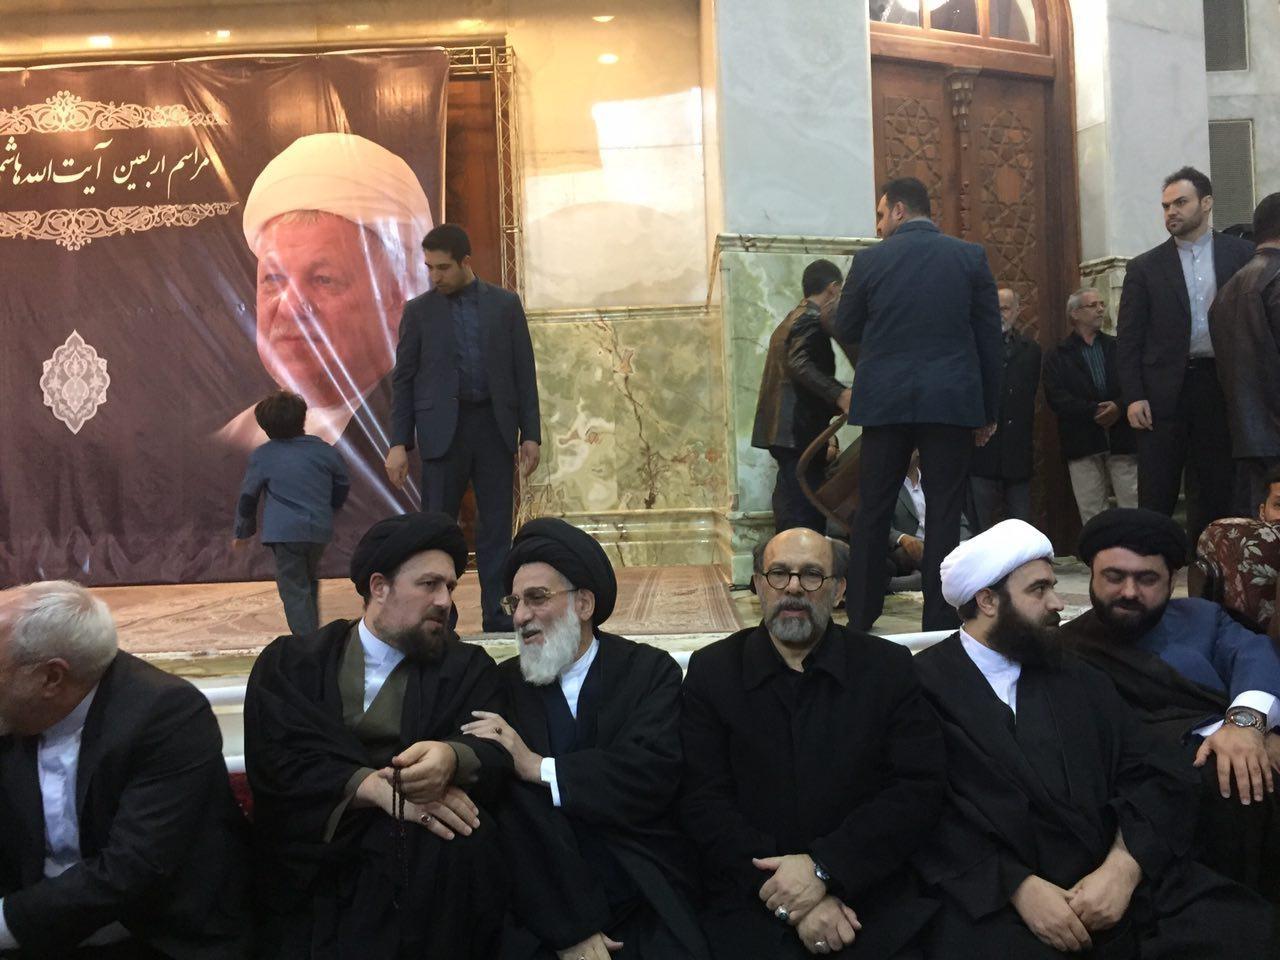 تصاویر/ همنشینی سیدحسن خمینی و ظریف در مراسم اربعین آیتالله هاشمی